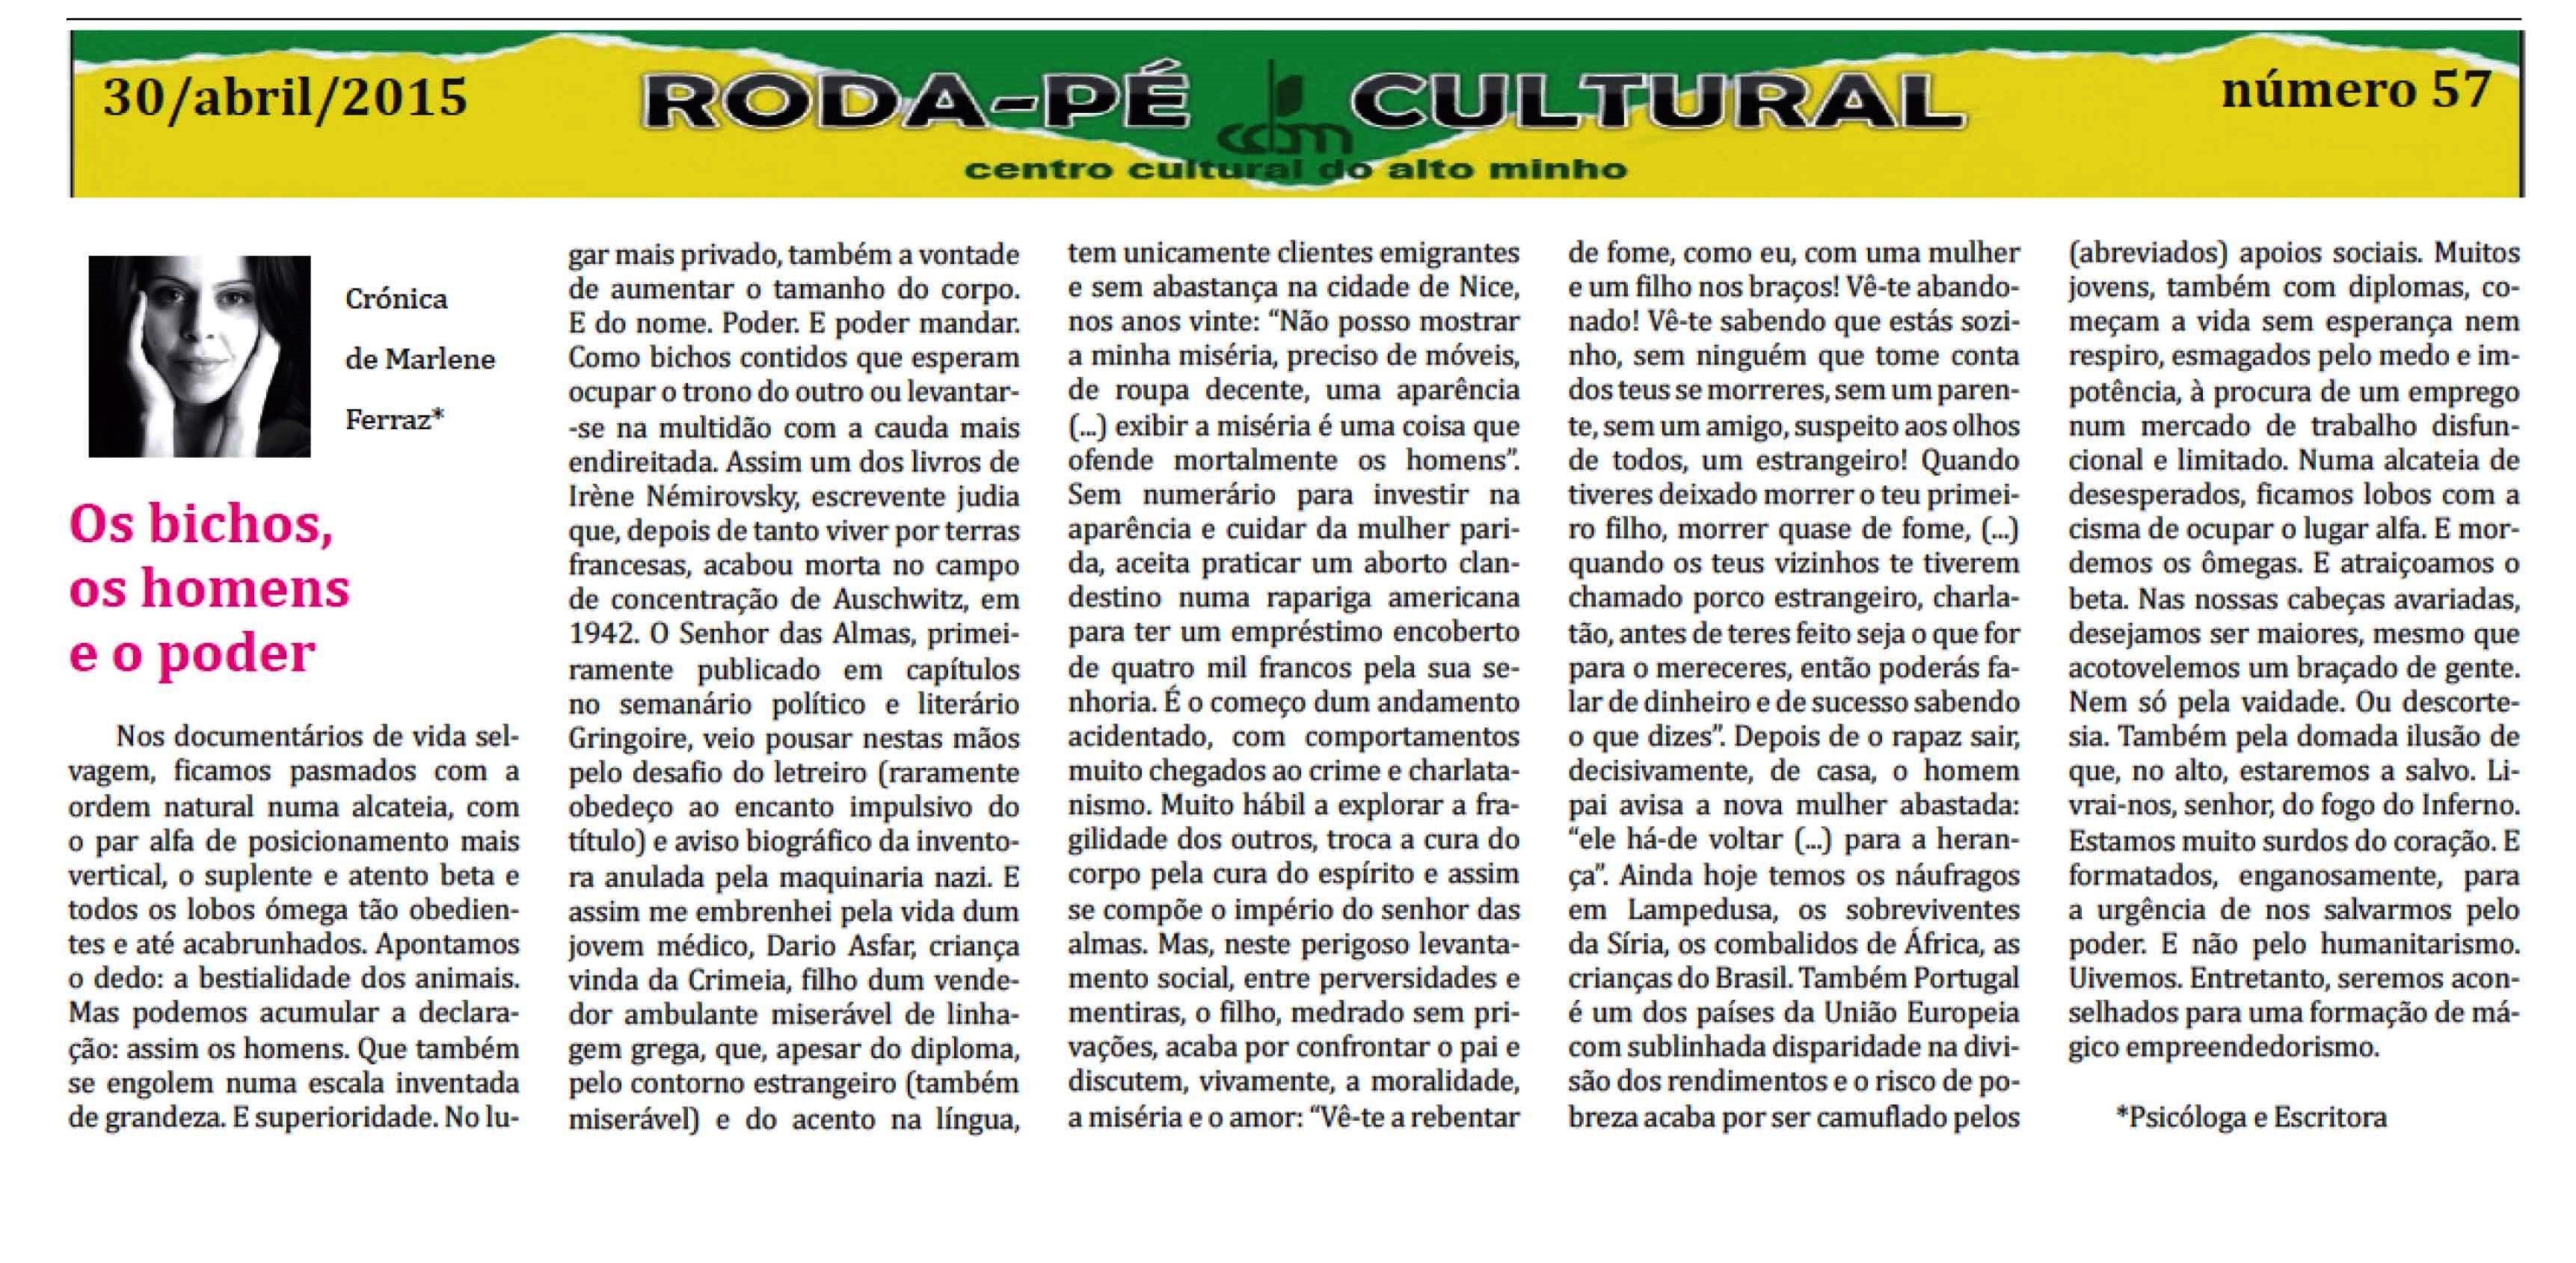 https://sites.google.com/a/centroculturaldoaltominho.org/ccam/actividades-realizadas/2015/Rp_57.jpg